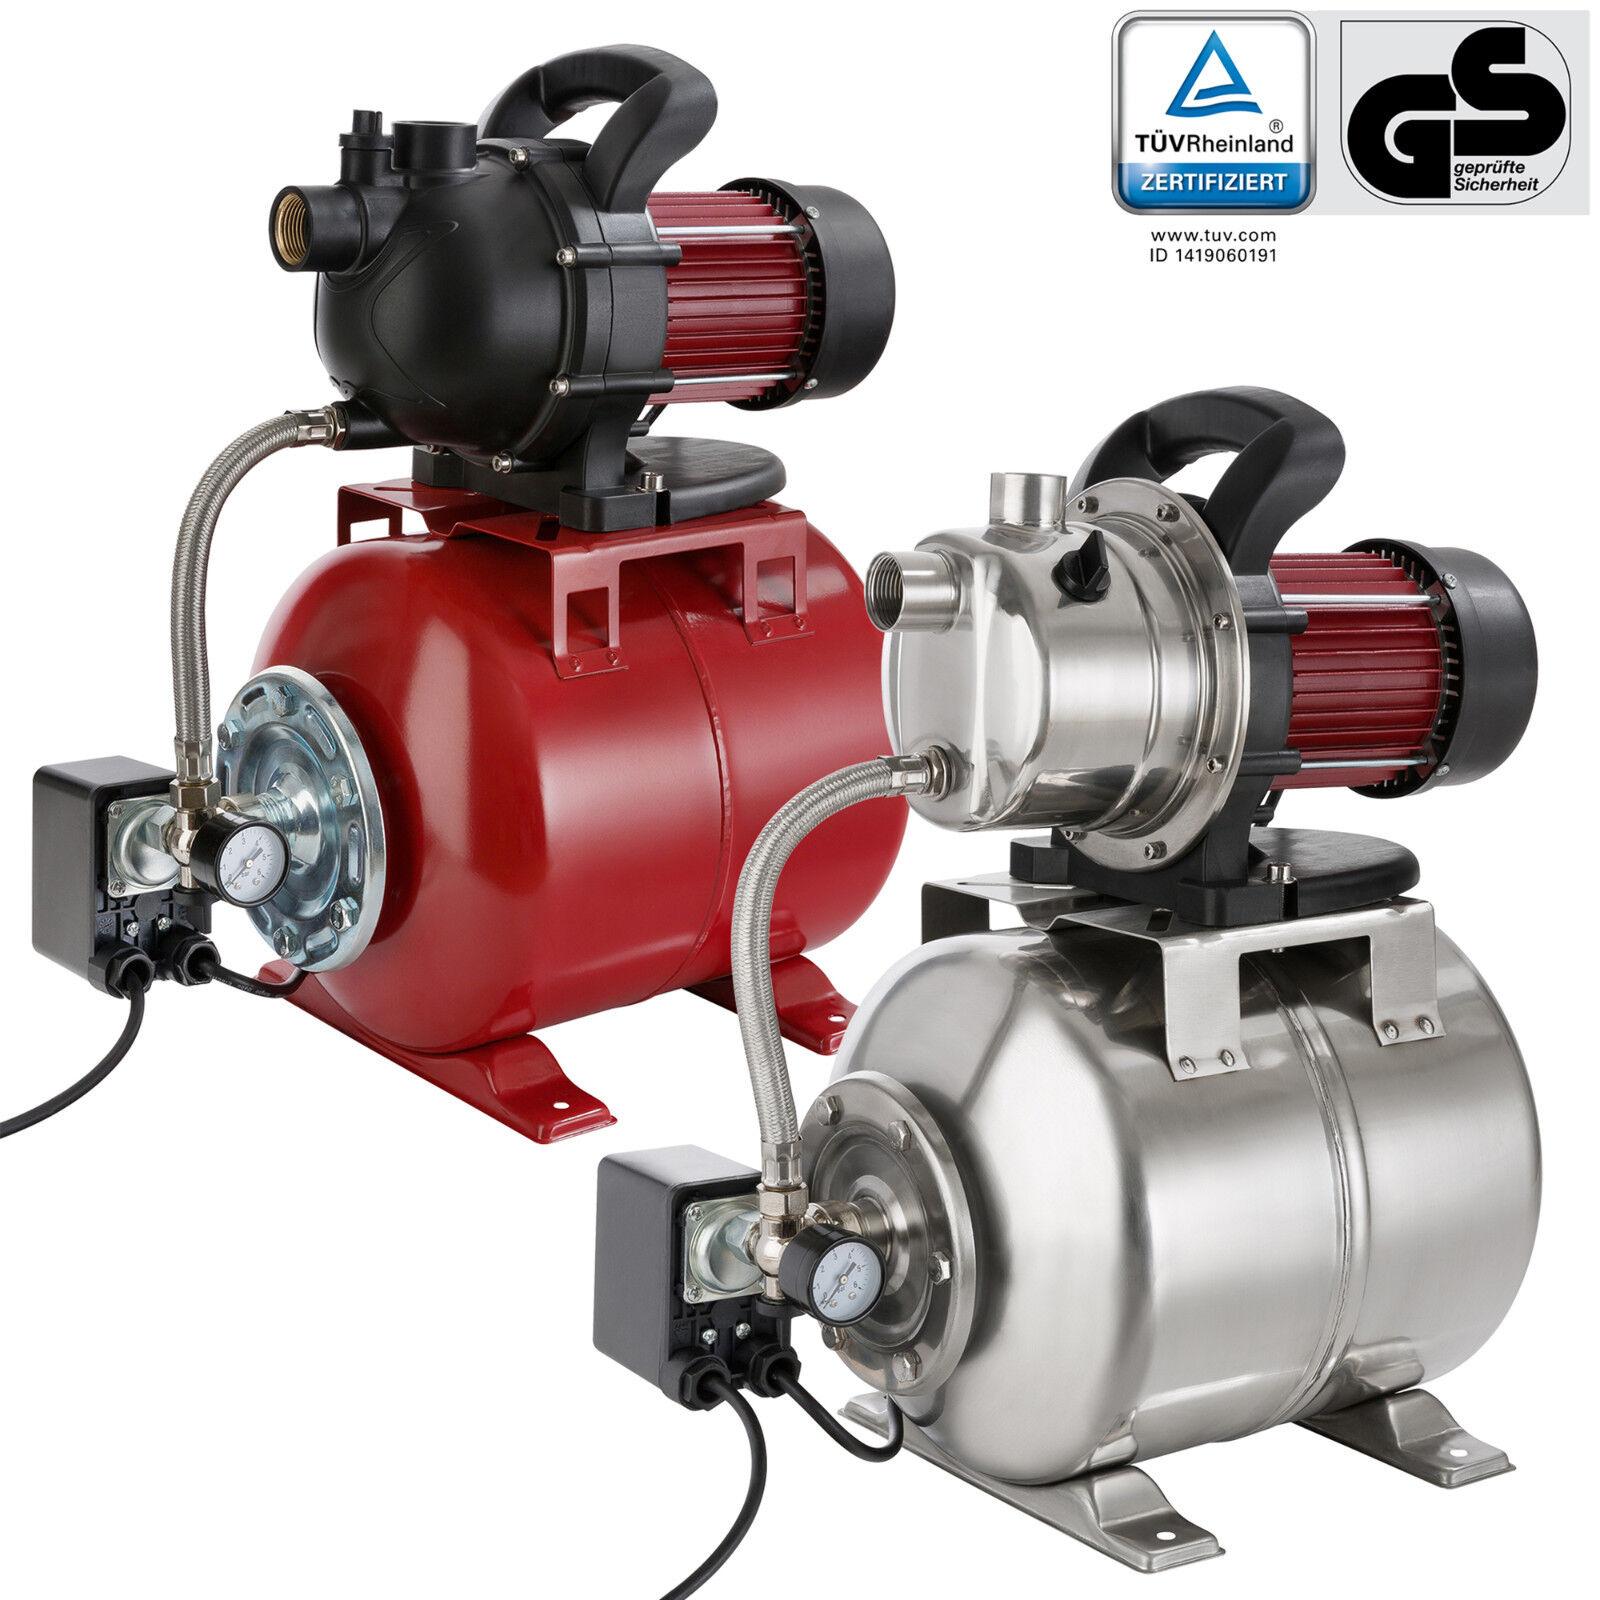 Güde Hauswasserwerk HWW 1000 P Inox Pumpe Gartenpumpe Teichpumpe Wasserwerk 714